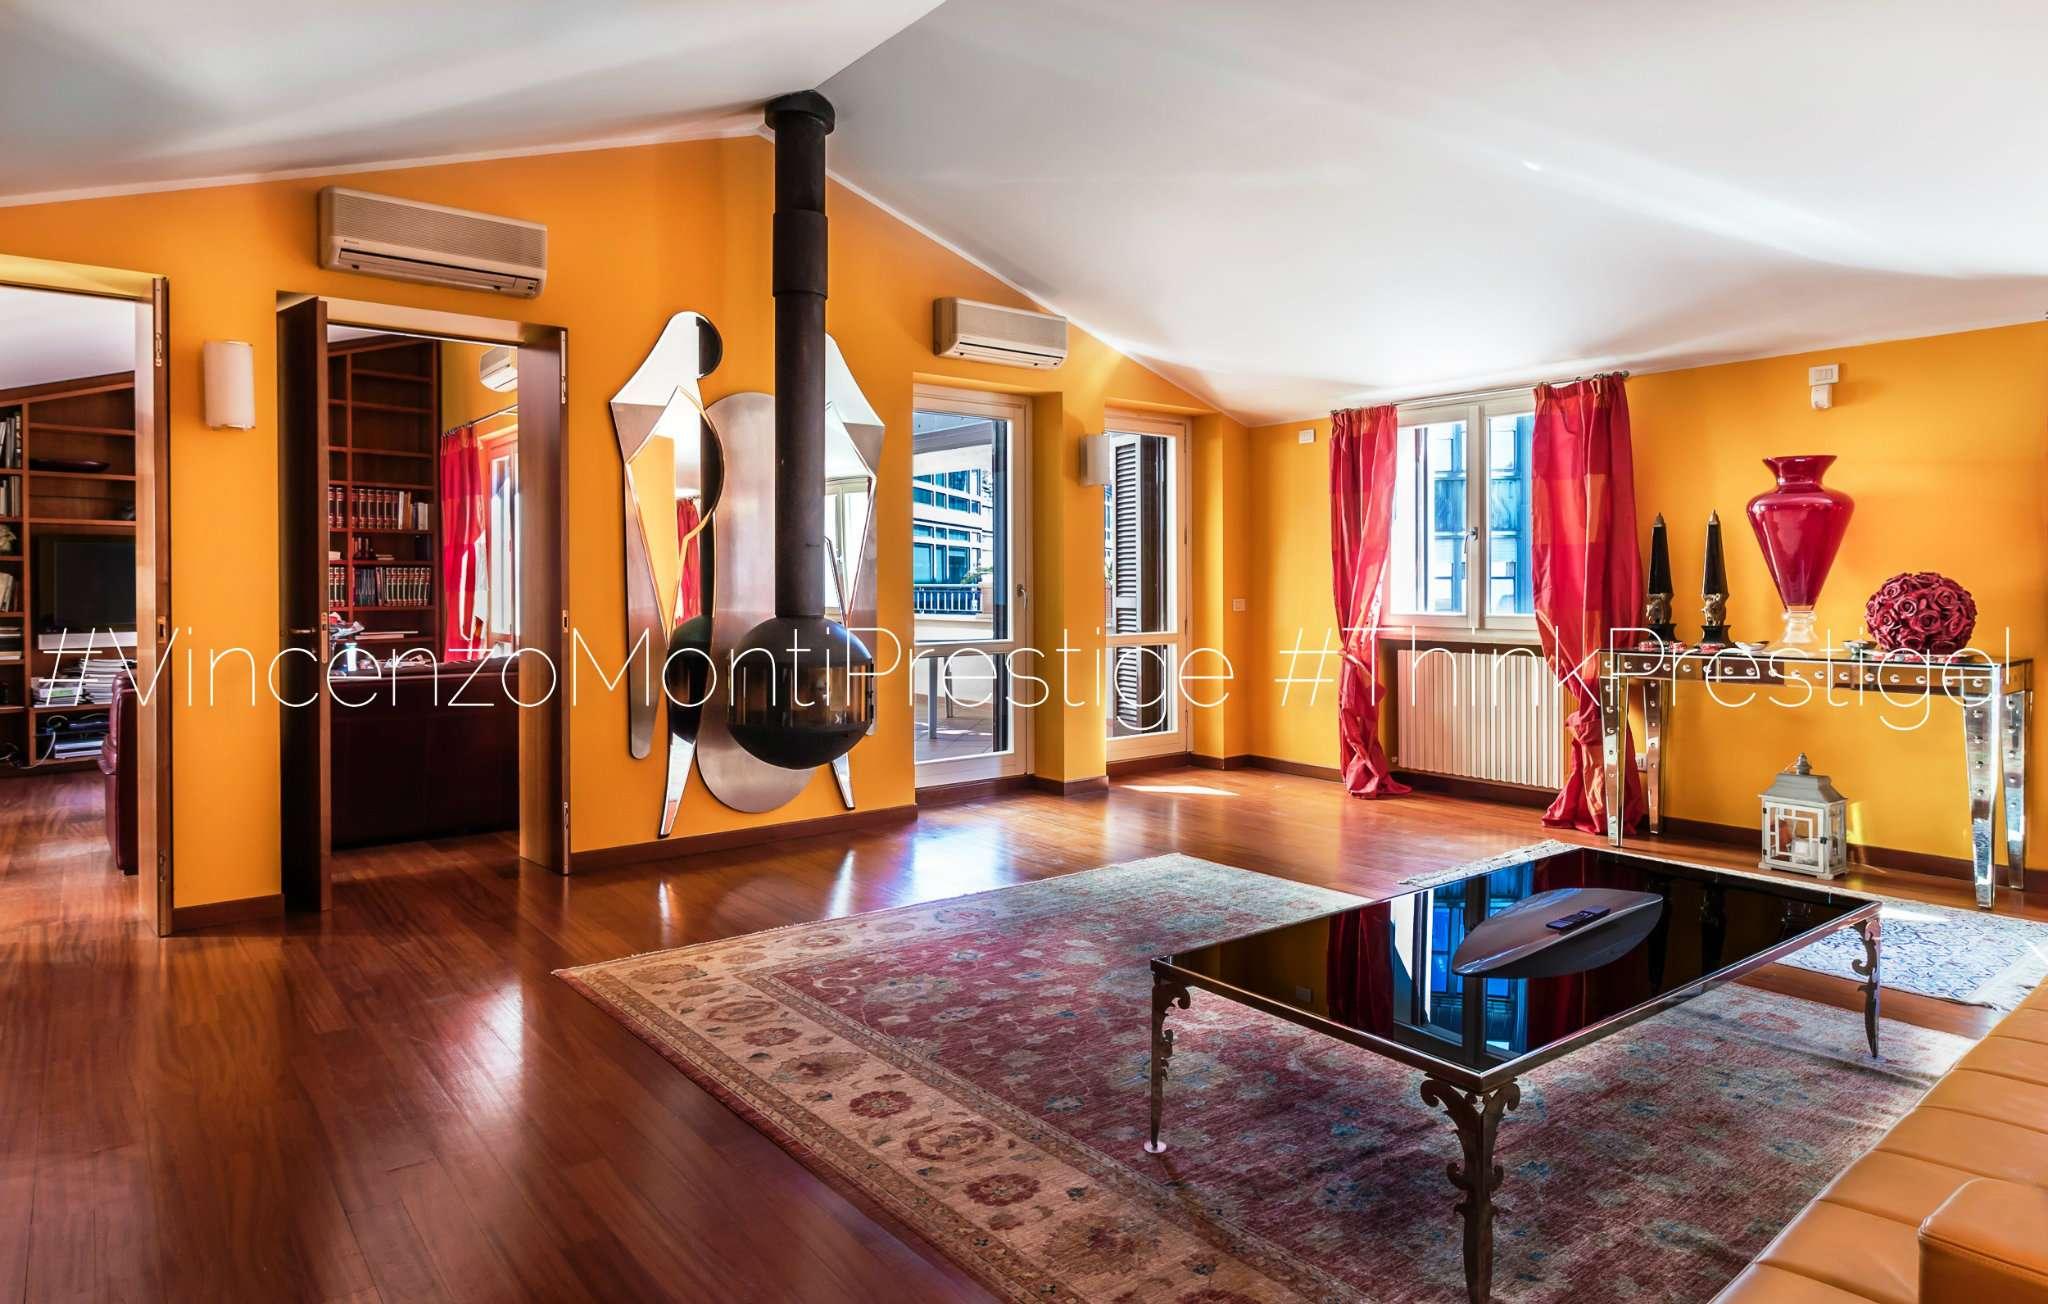 Appartamento in Vendita a Milano: 5 locali, 210 mq - Foto 3